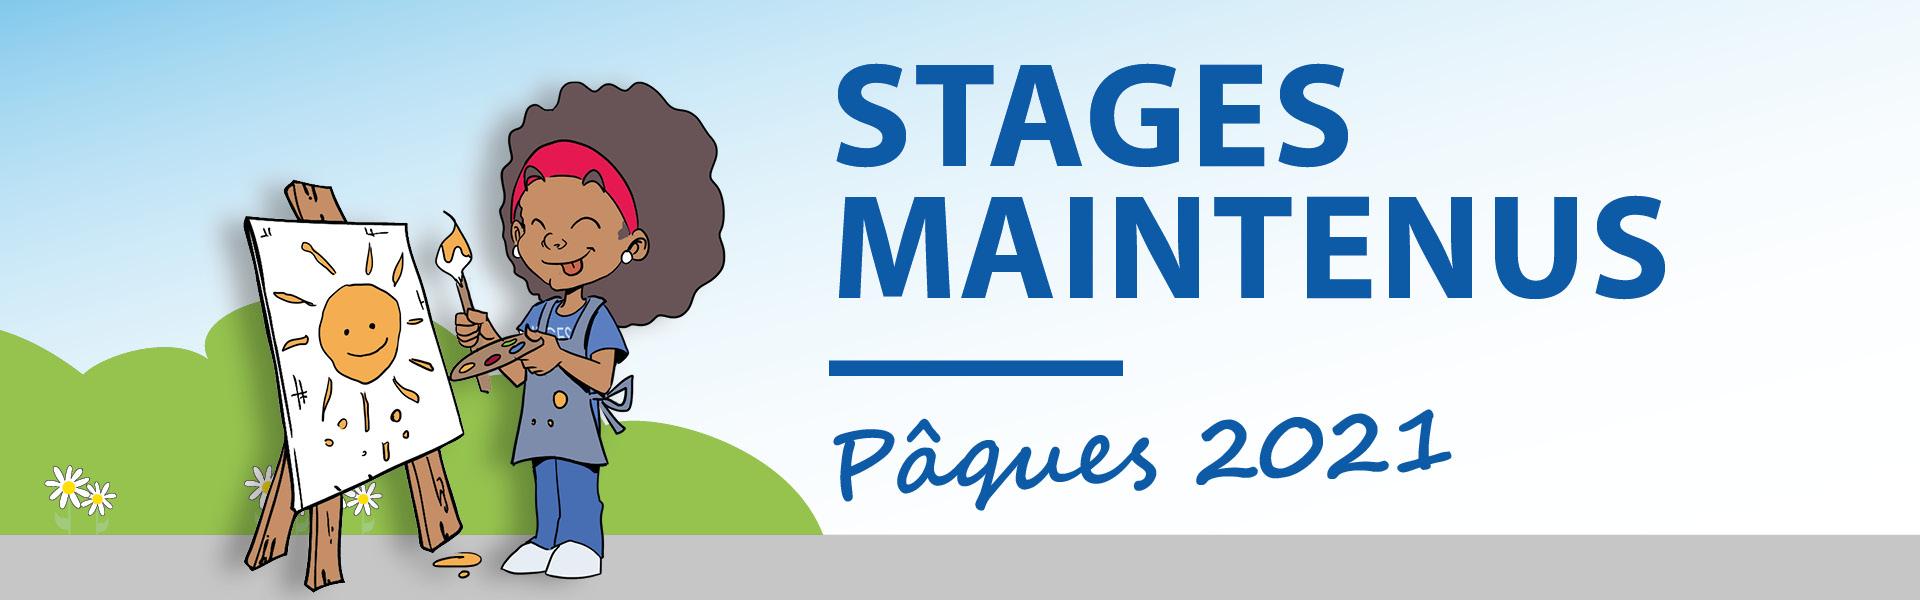 STAGES DE PAQUES MAINTENUS !